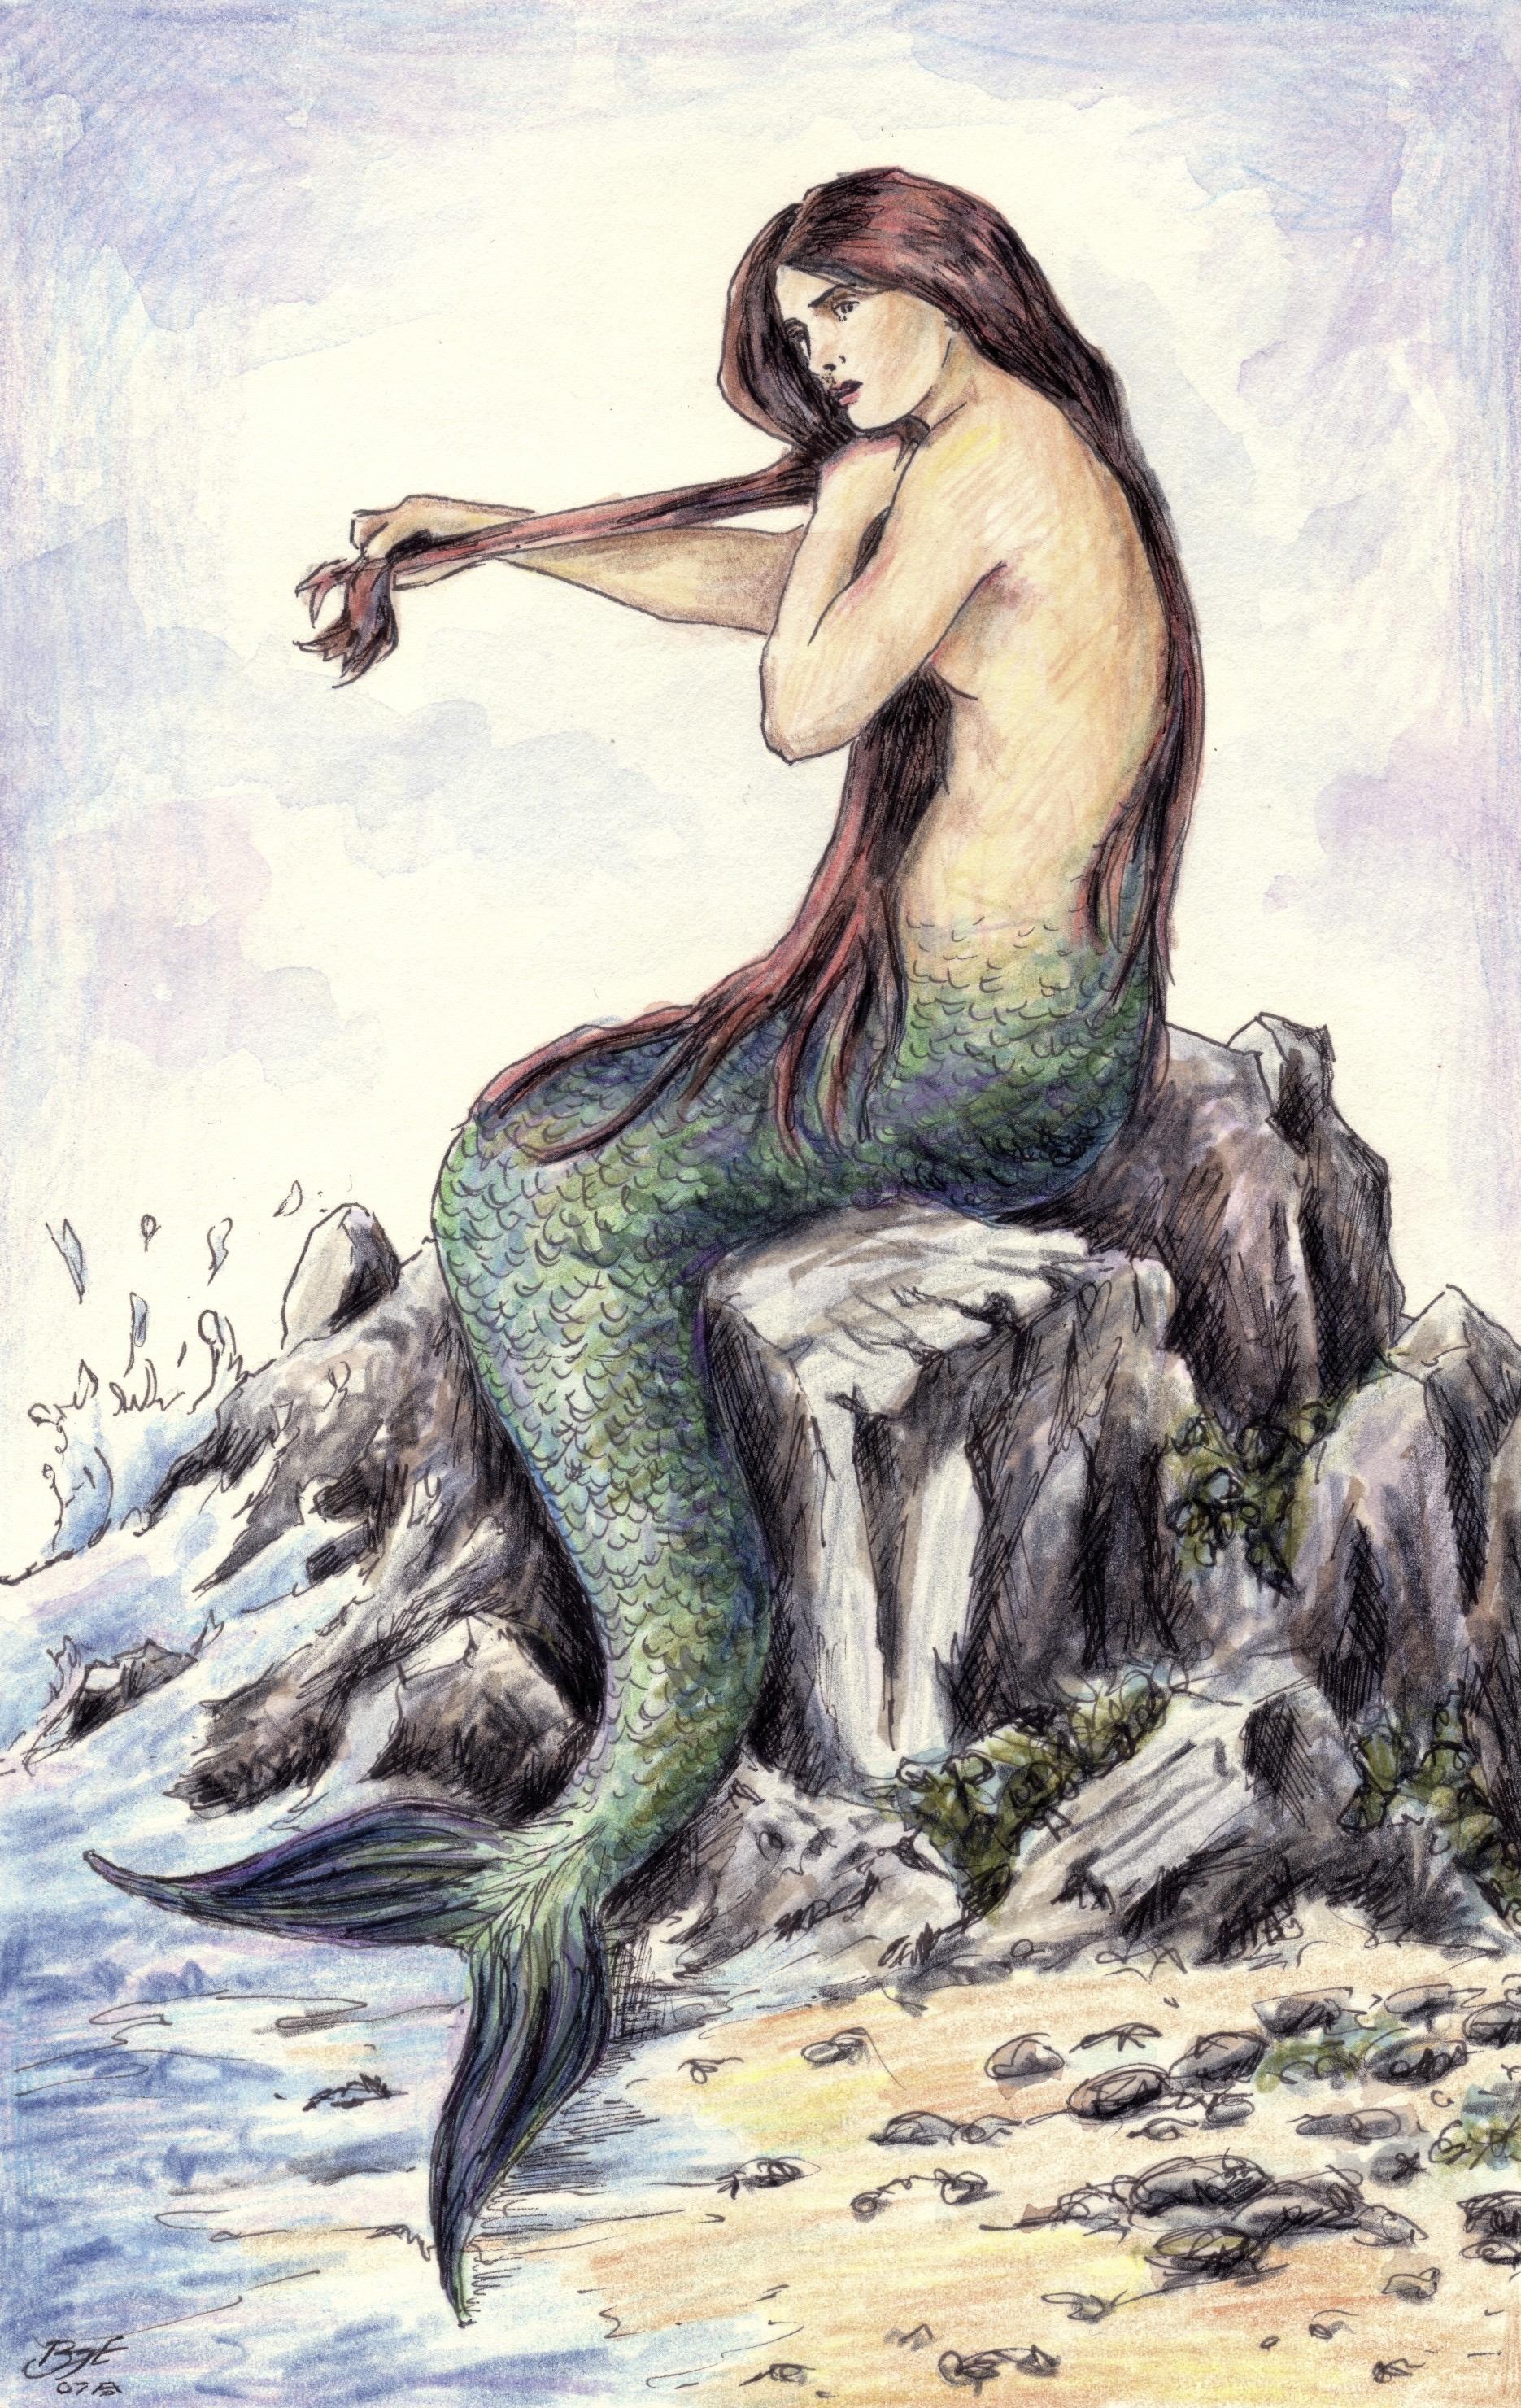 Mermaid - Version 2.jpg